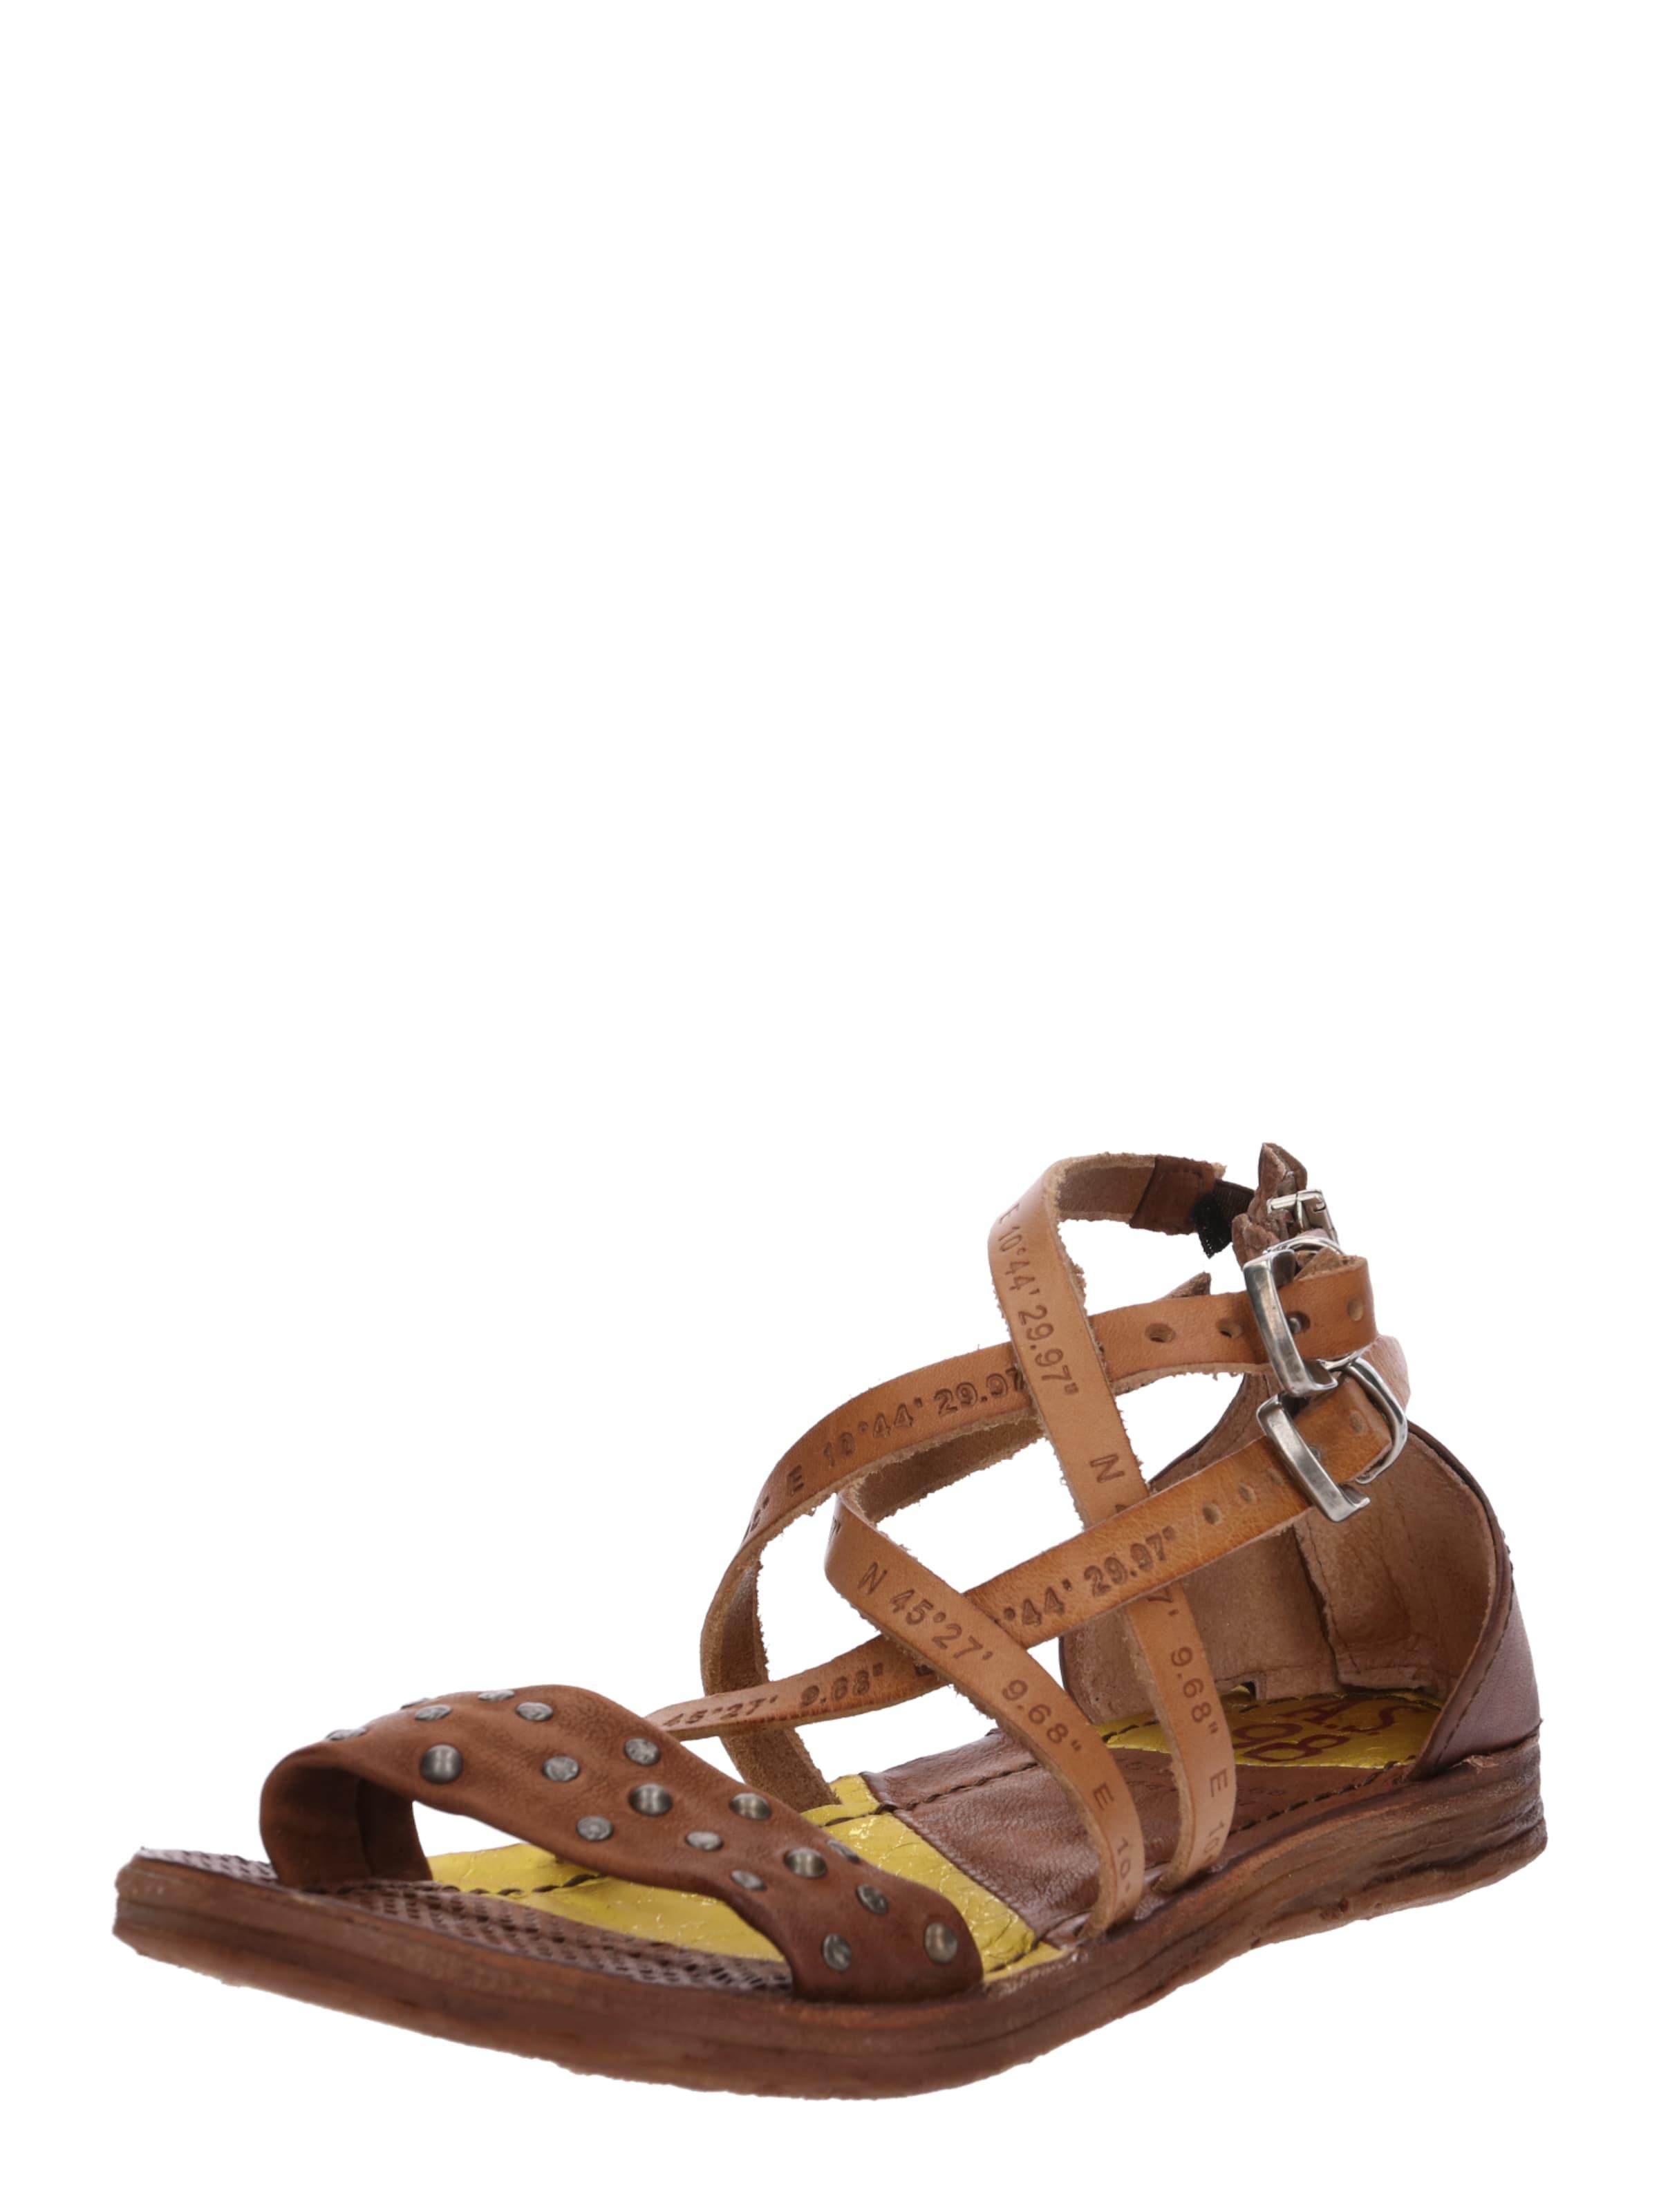 A Sandale s Ramos' 98 Cognac 'sandale In rxCoeBd